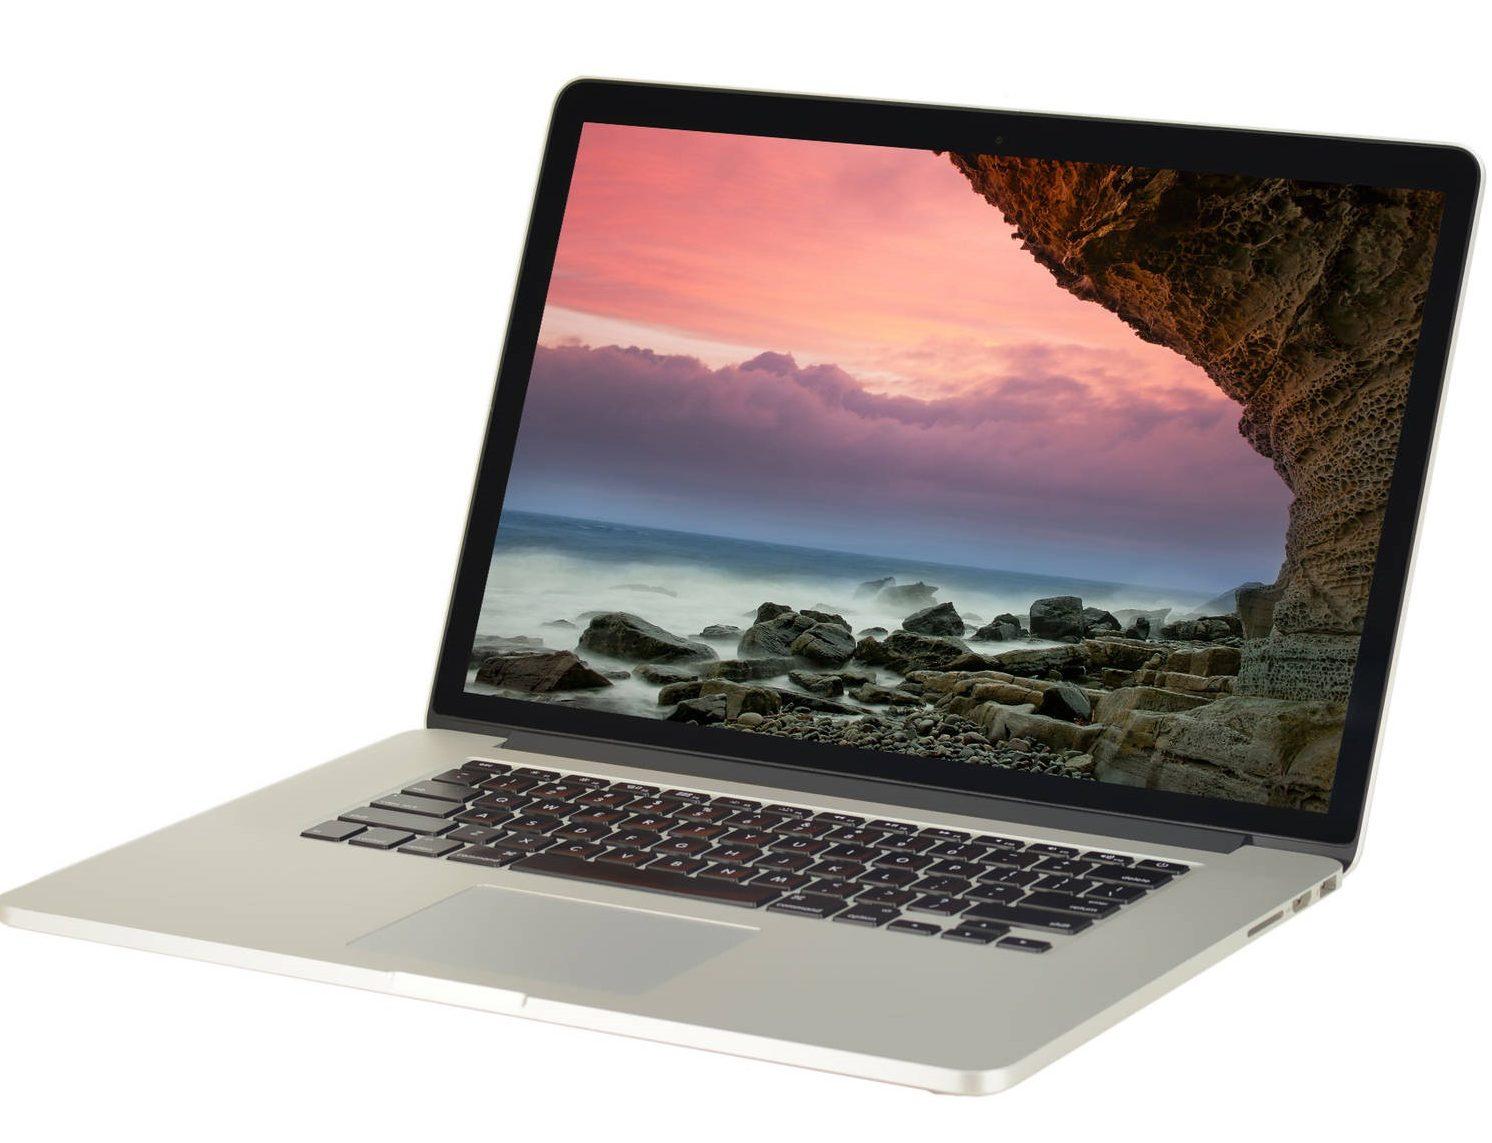 Офис, игры, сложные программы обзор ноутбуков, которые потянут все - MacBook Pro 15,4